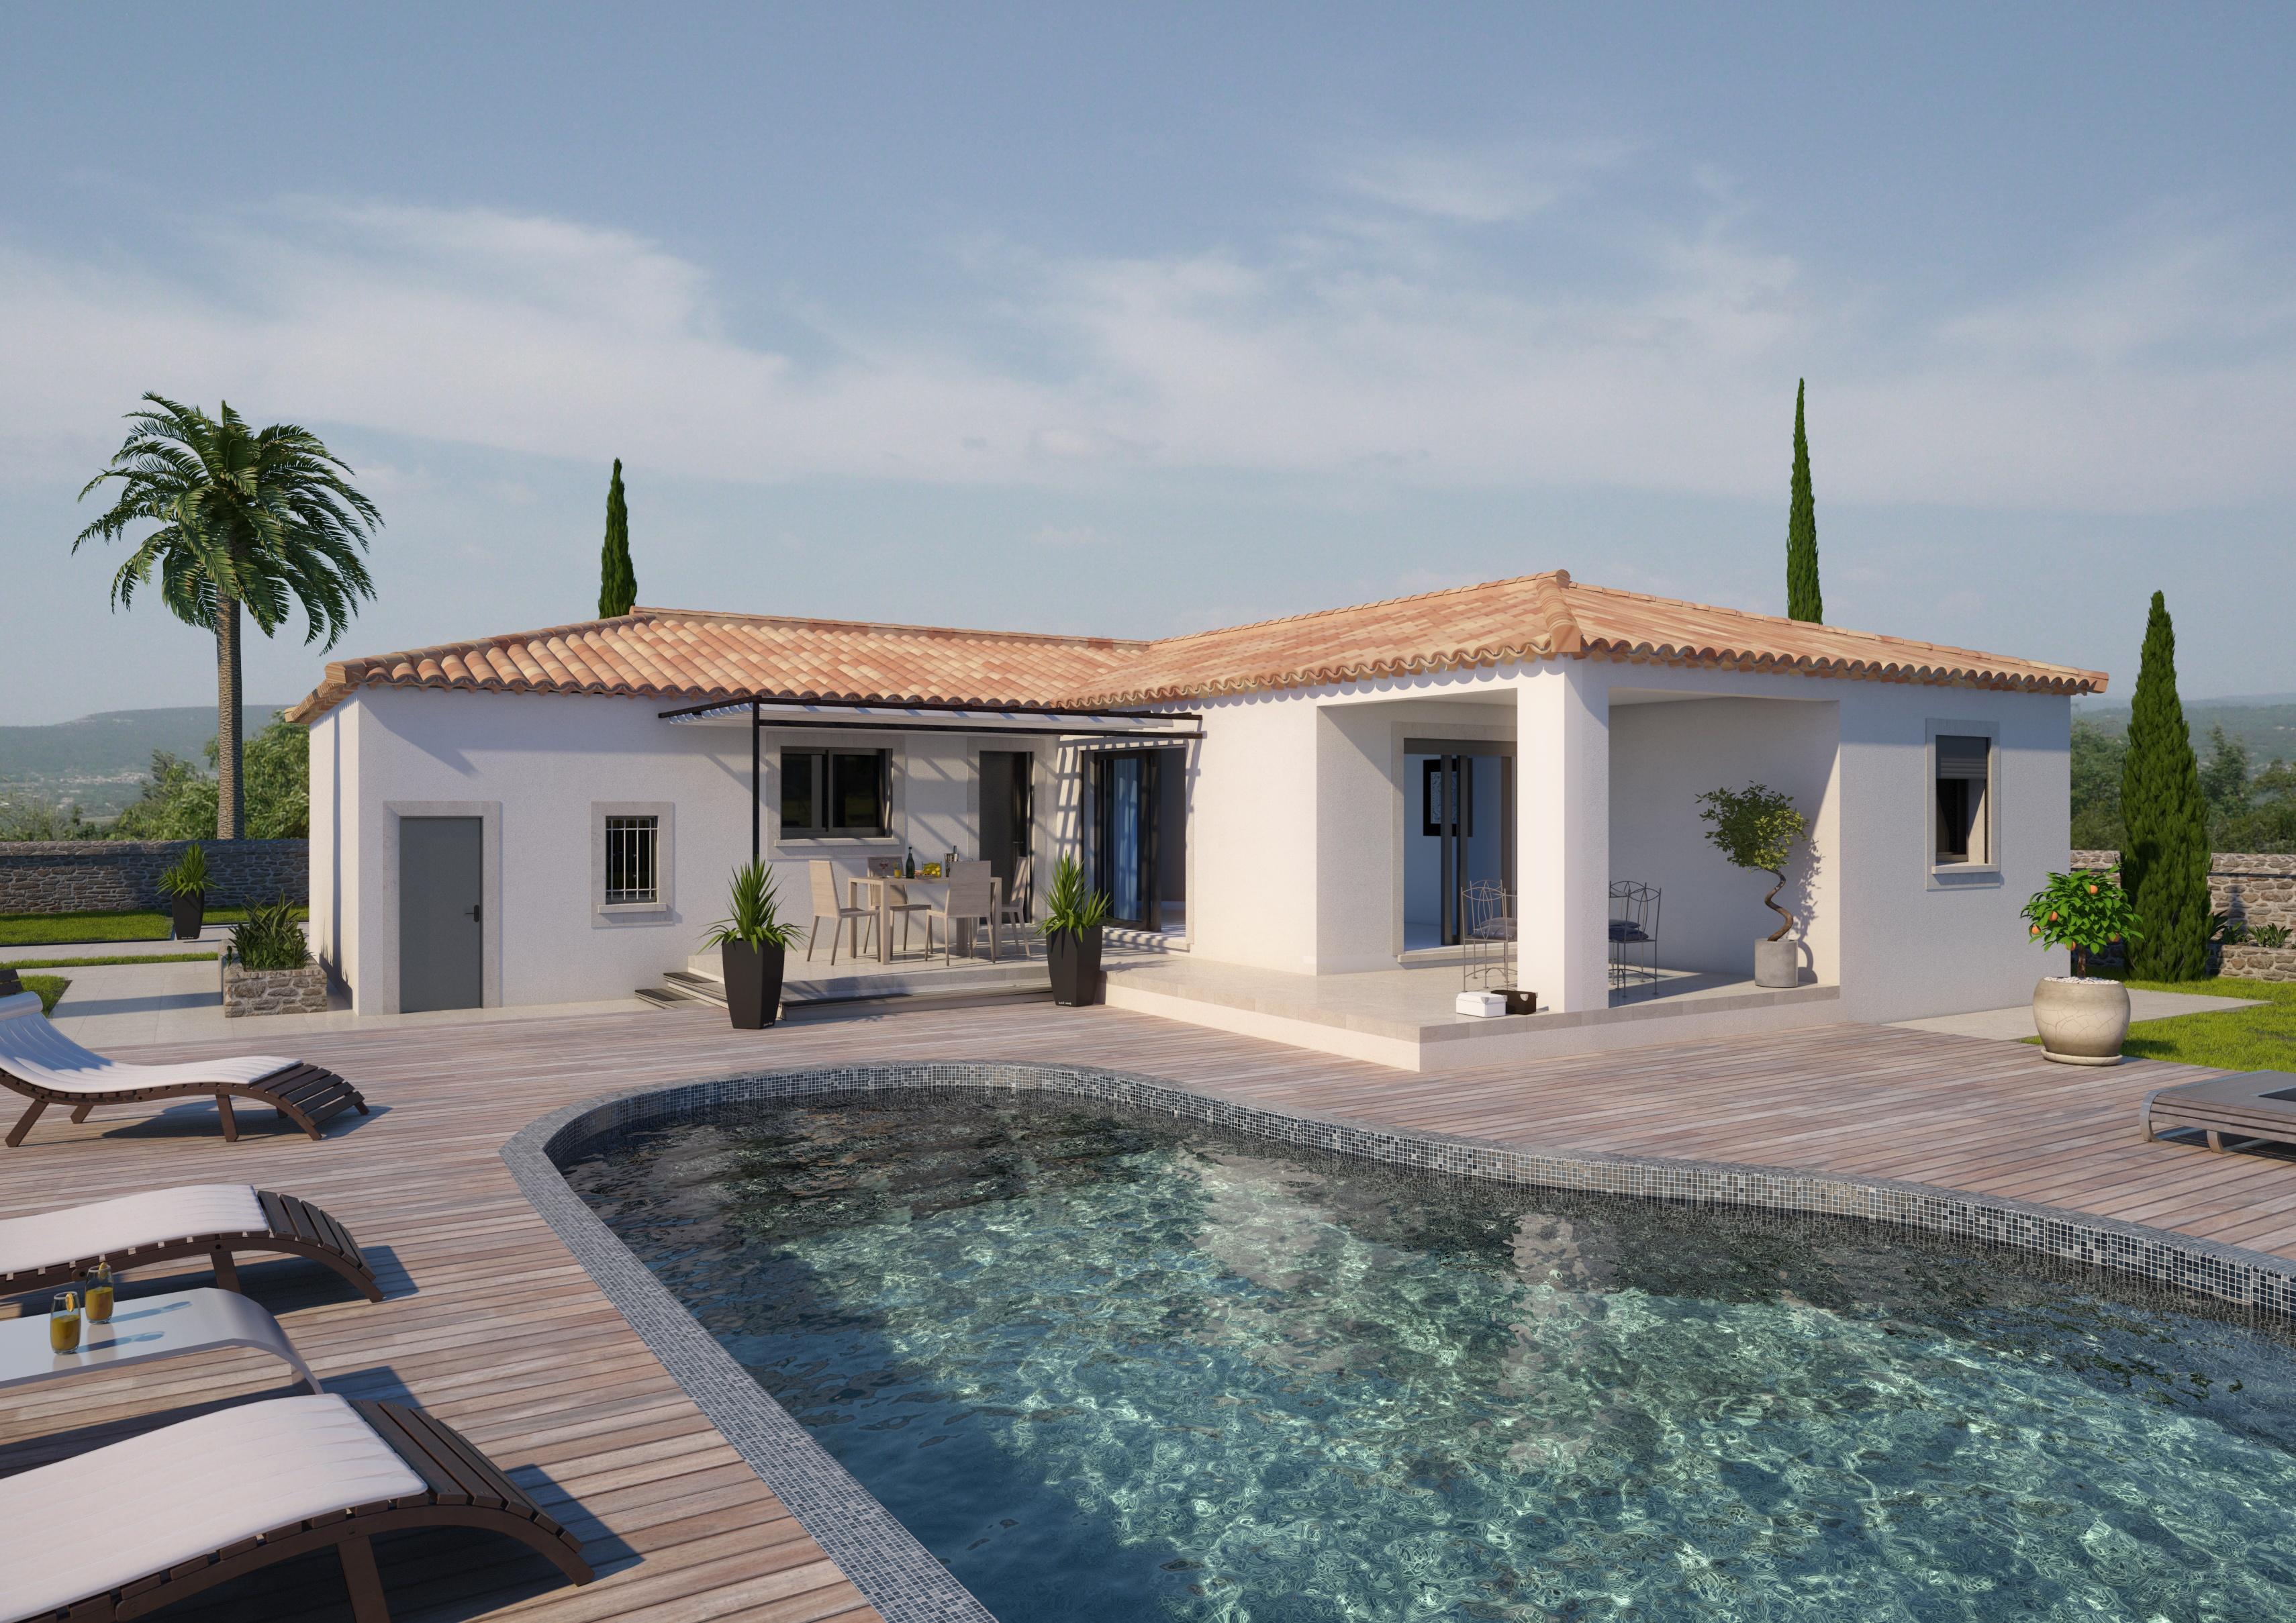 Maisons + Terrains du constructeur ART ET TRADITION MEDITERRANEE • 118 m² • CAROMB